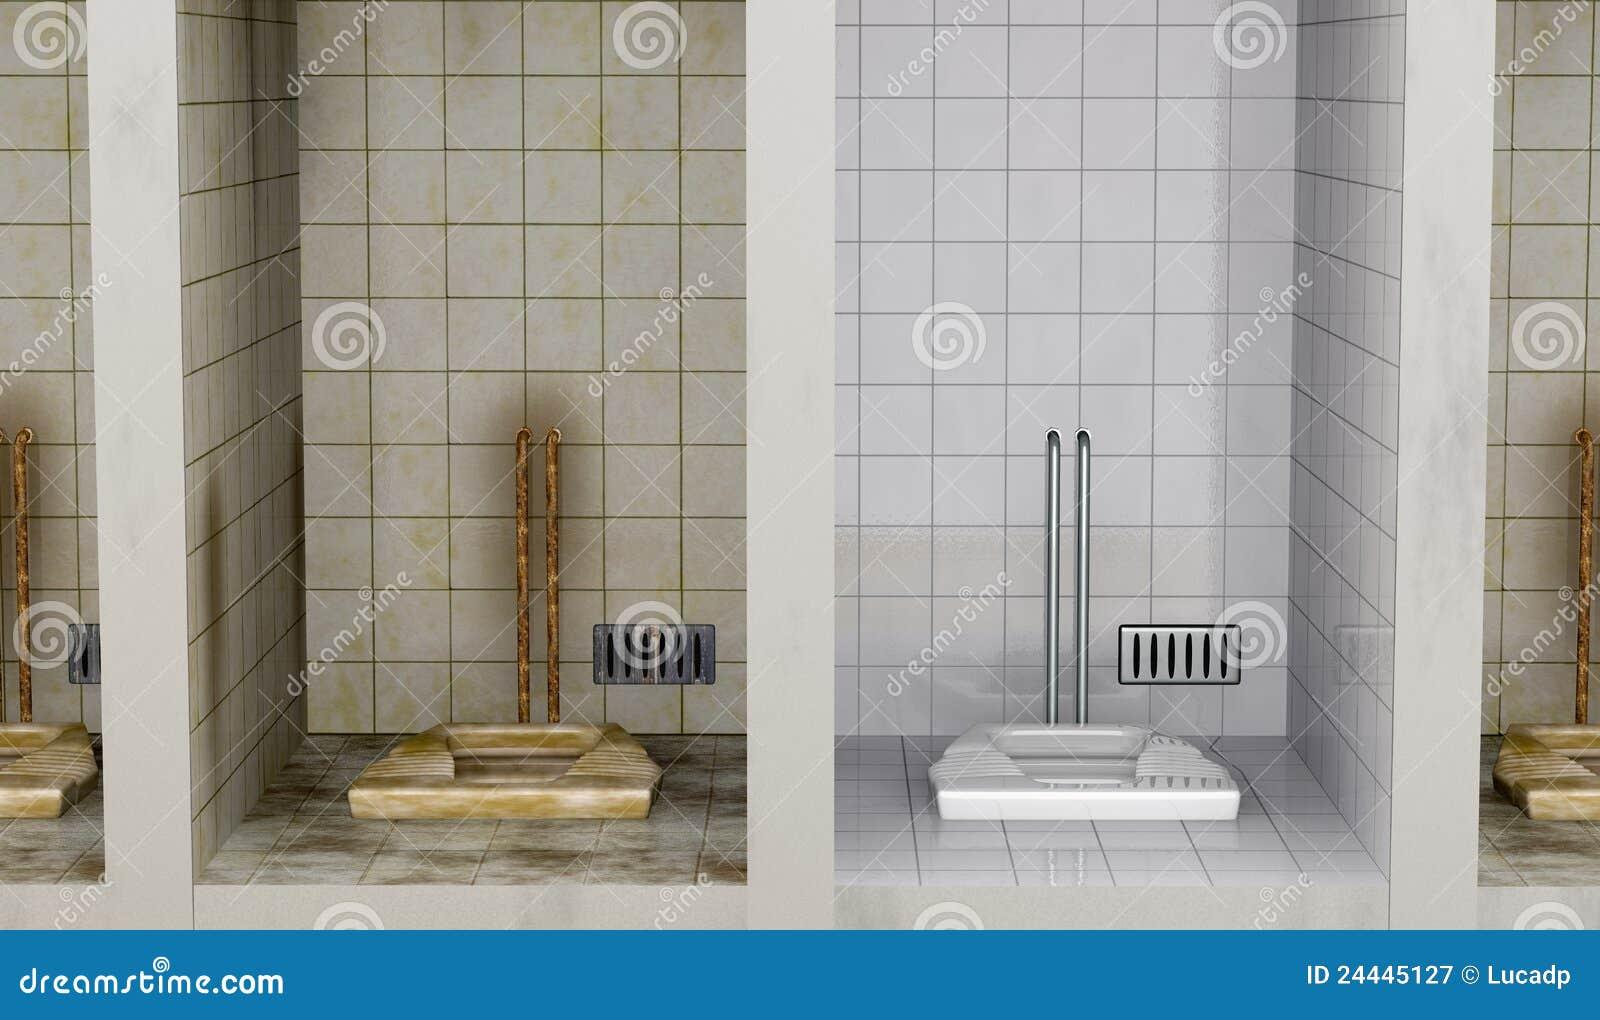 Vista dianteira de banheiros públicos. estão tudo sujos a não ser  #82A328 1300 846